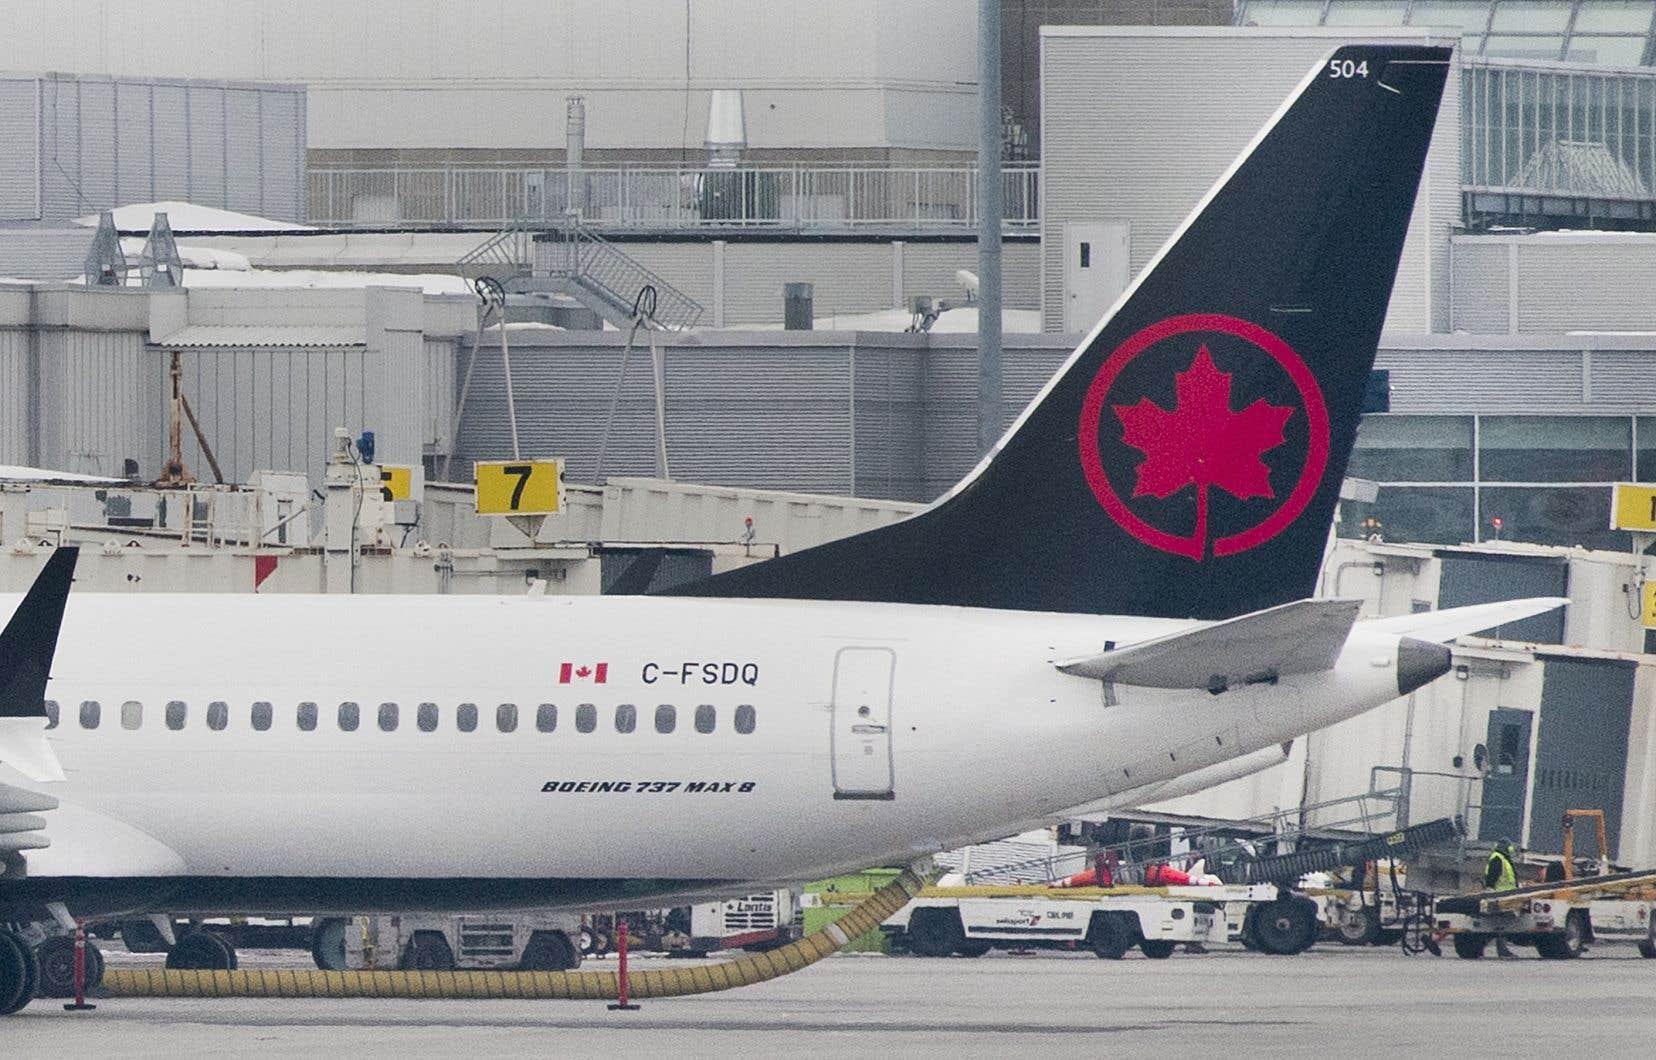 Air Canada a confirmé que l'incident s'est bel et bien déroulé, mais a refusé de commenter sur ses procédures de débarquement ou s'il y a eu négligence envers la passagère.